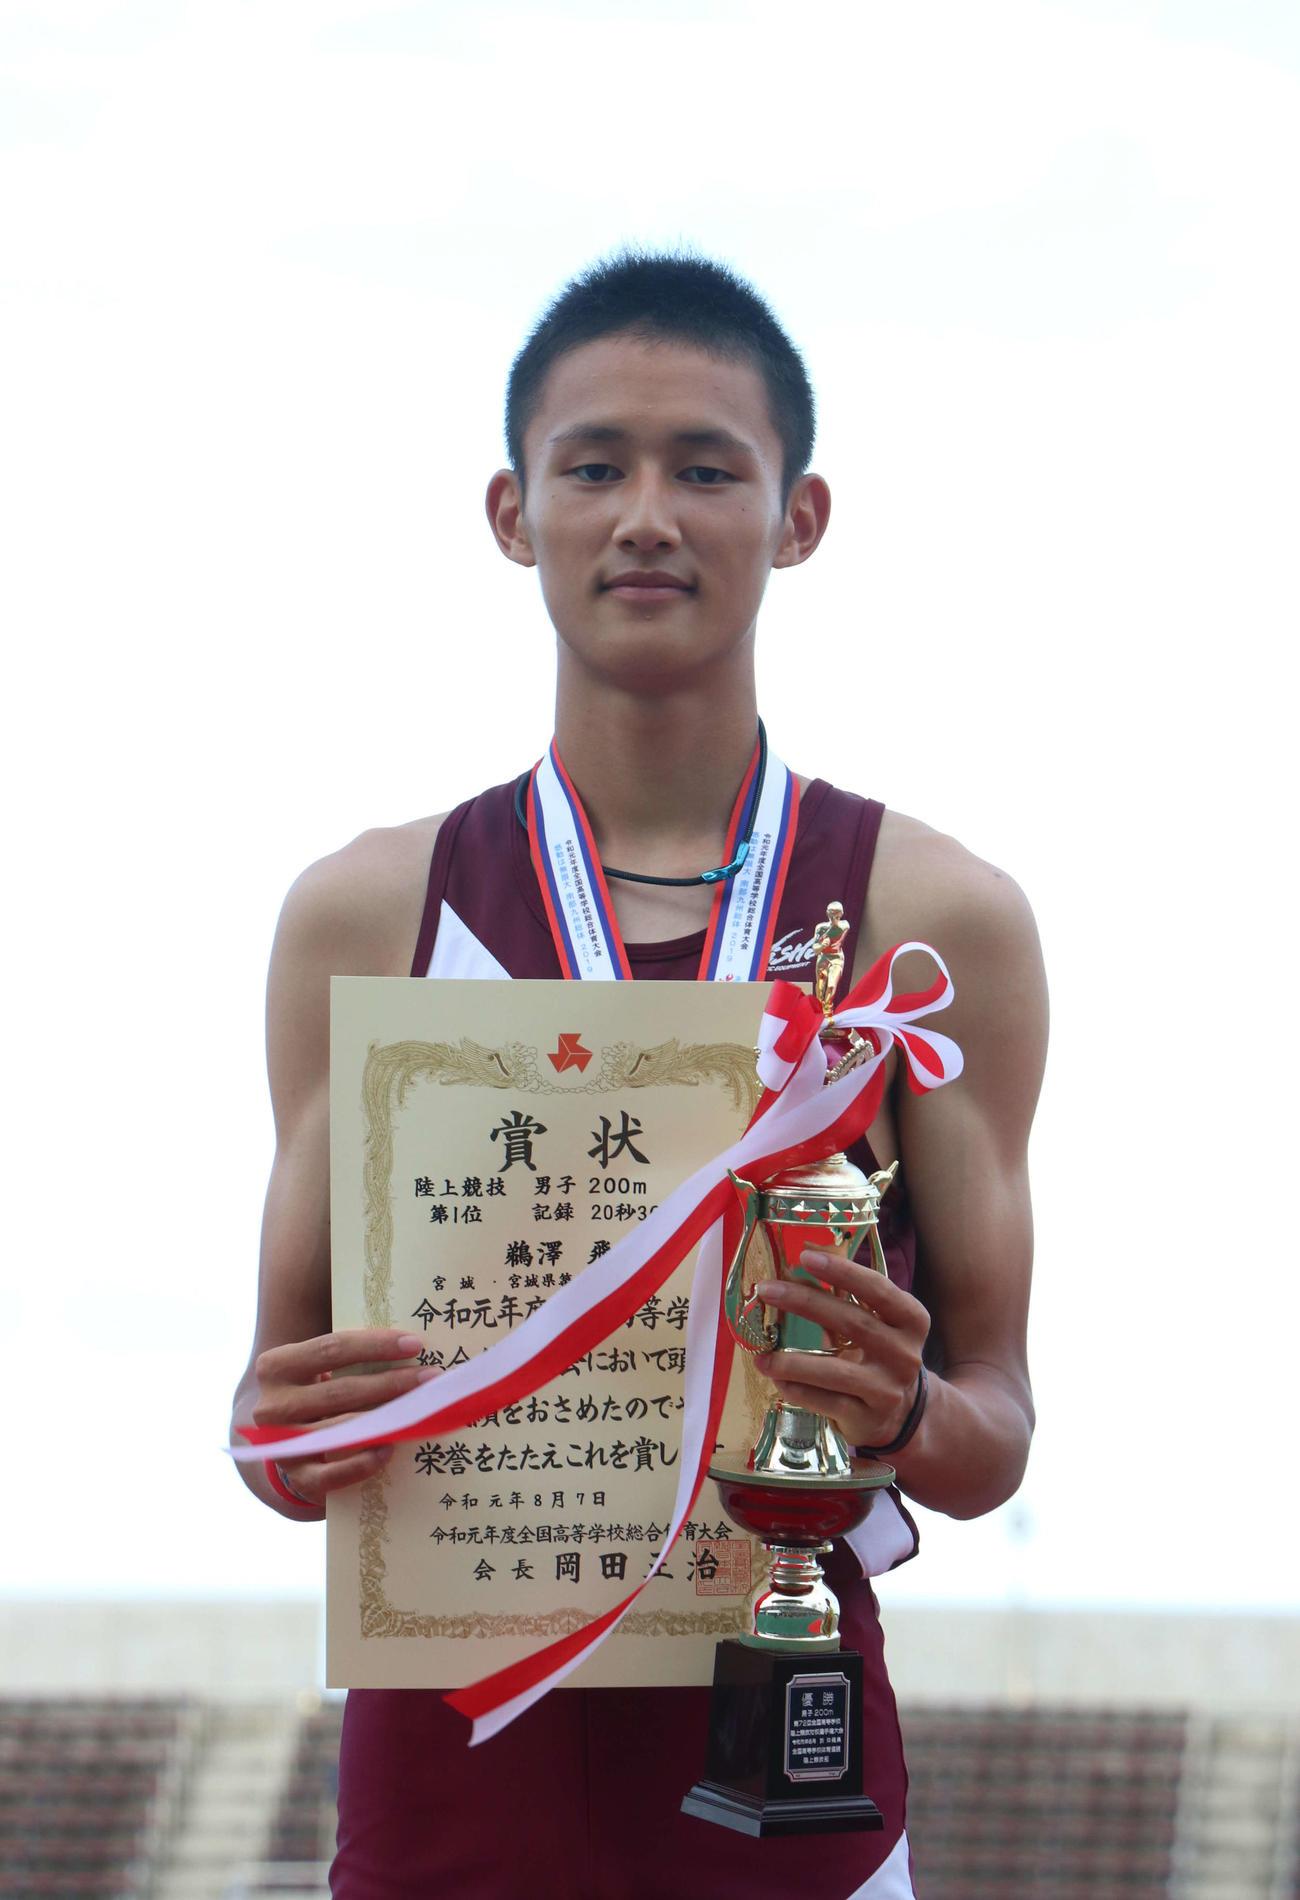 昨年8月7日、沖縄での全国総体で100メートルに続き200メートルも制し、男子陸上短距離2冠を達成した築館・鵜沢